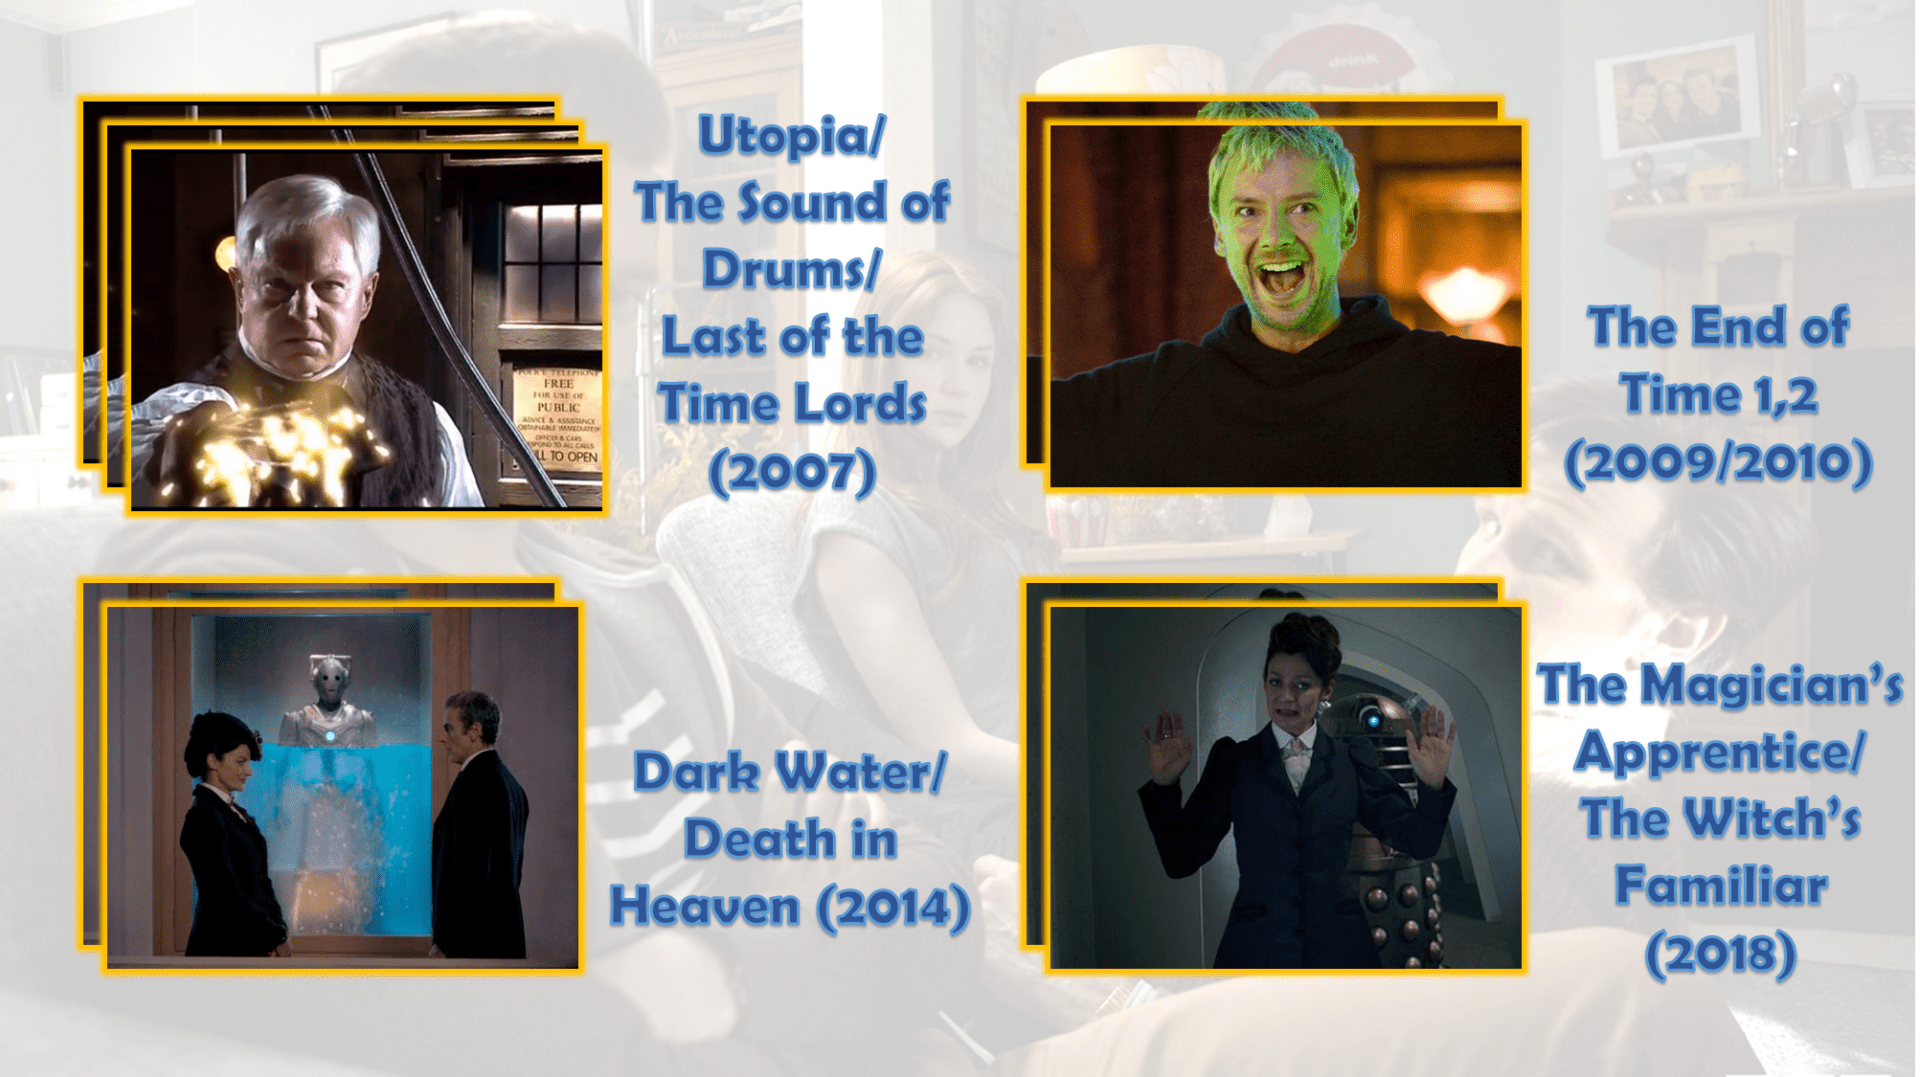 Fun Fact: Missy appare in tutta la seconda metà della decima stagione - escluso il settimo episodio - diventando praticamente la terza companion del Dottore, dopo Bill e Nardole.